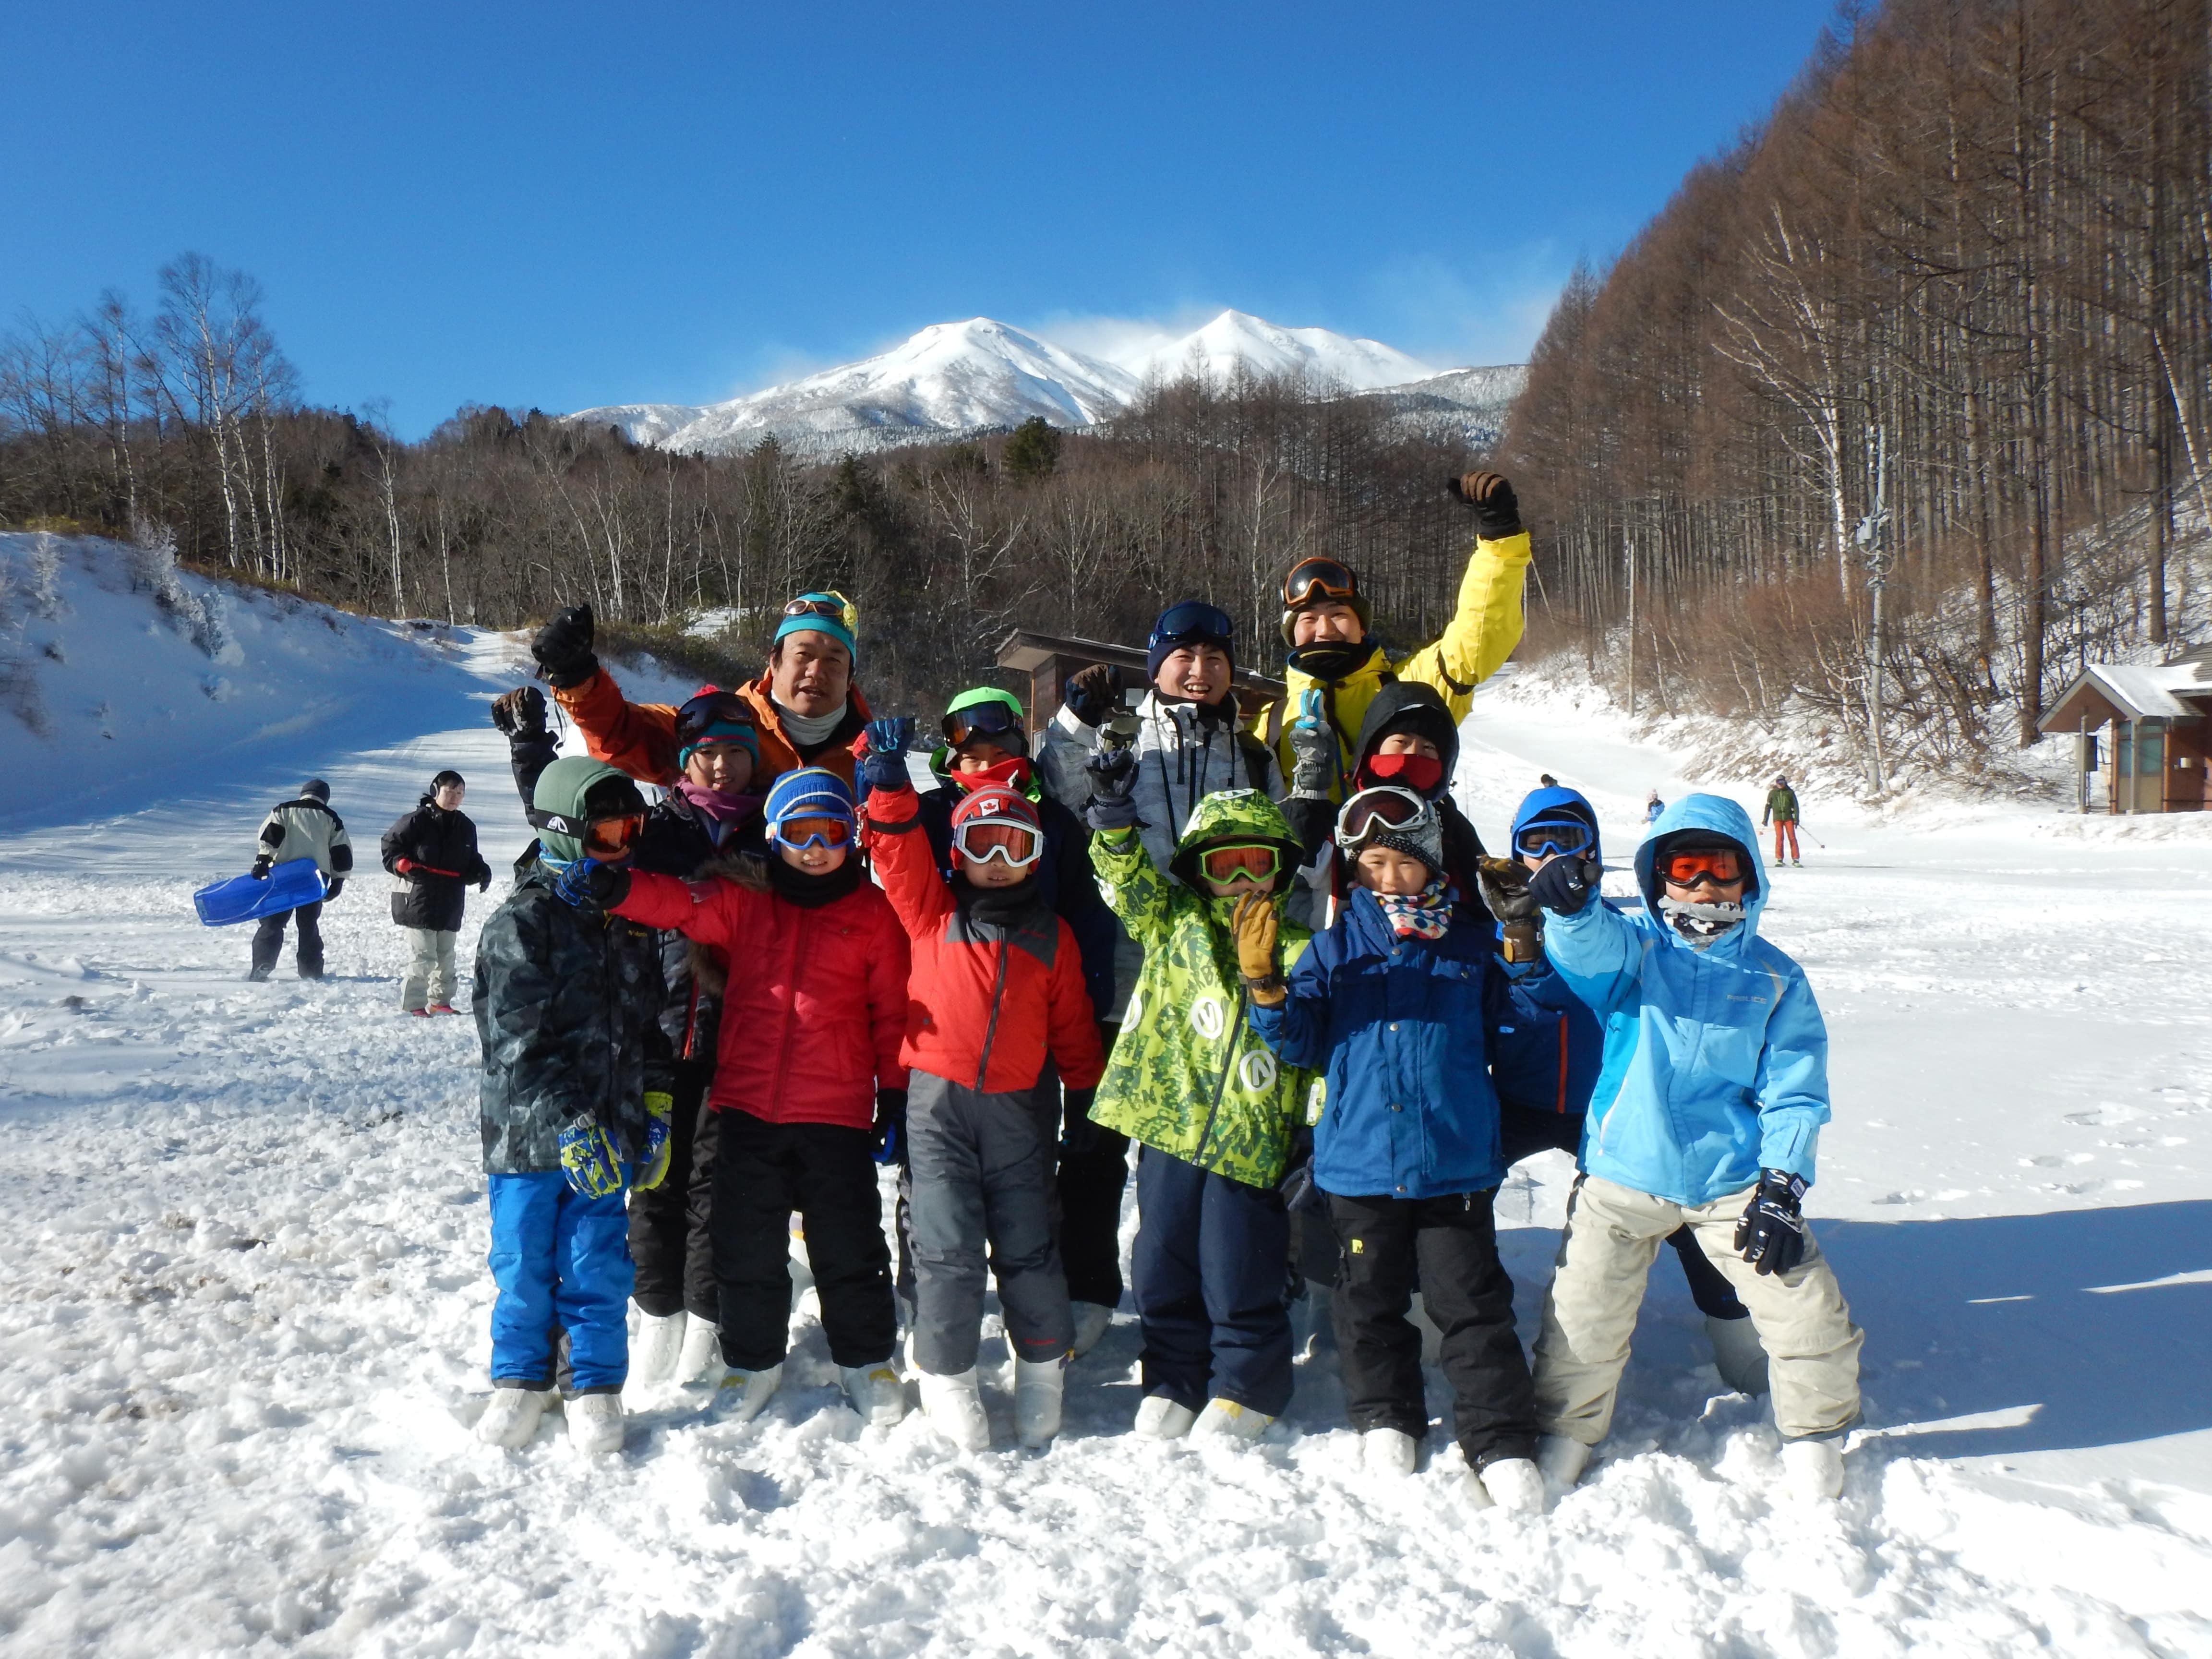 2020年度 冬の冒険キャンプ申込受付を開始します!